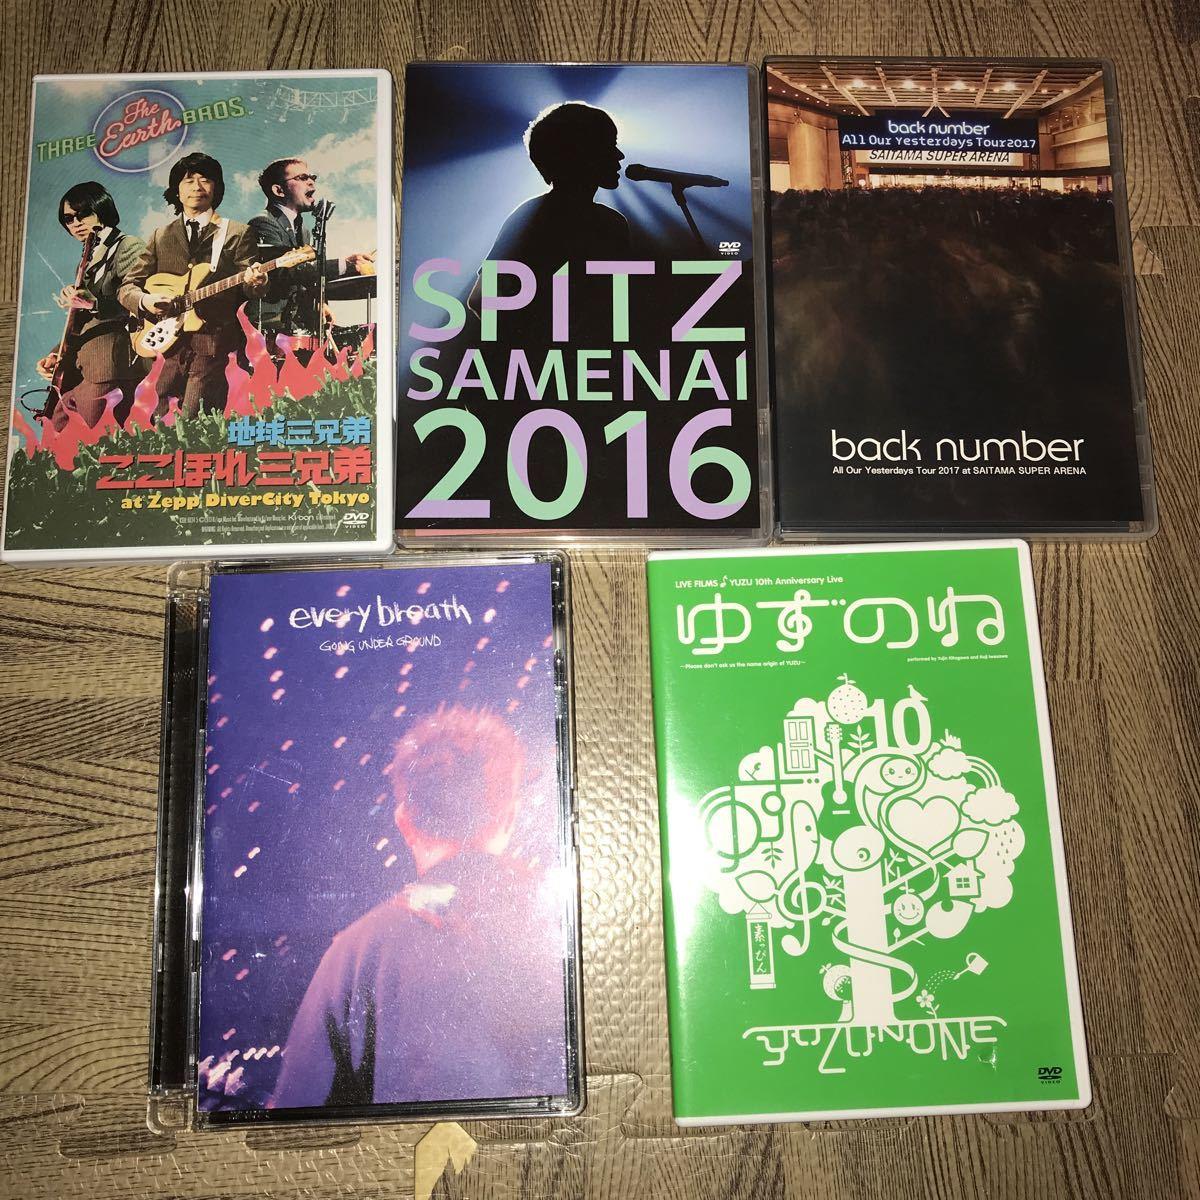 ライブ DVDセット ゆず back number スピッツ 奥田民生 going under ground